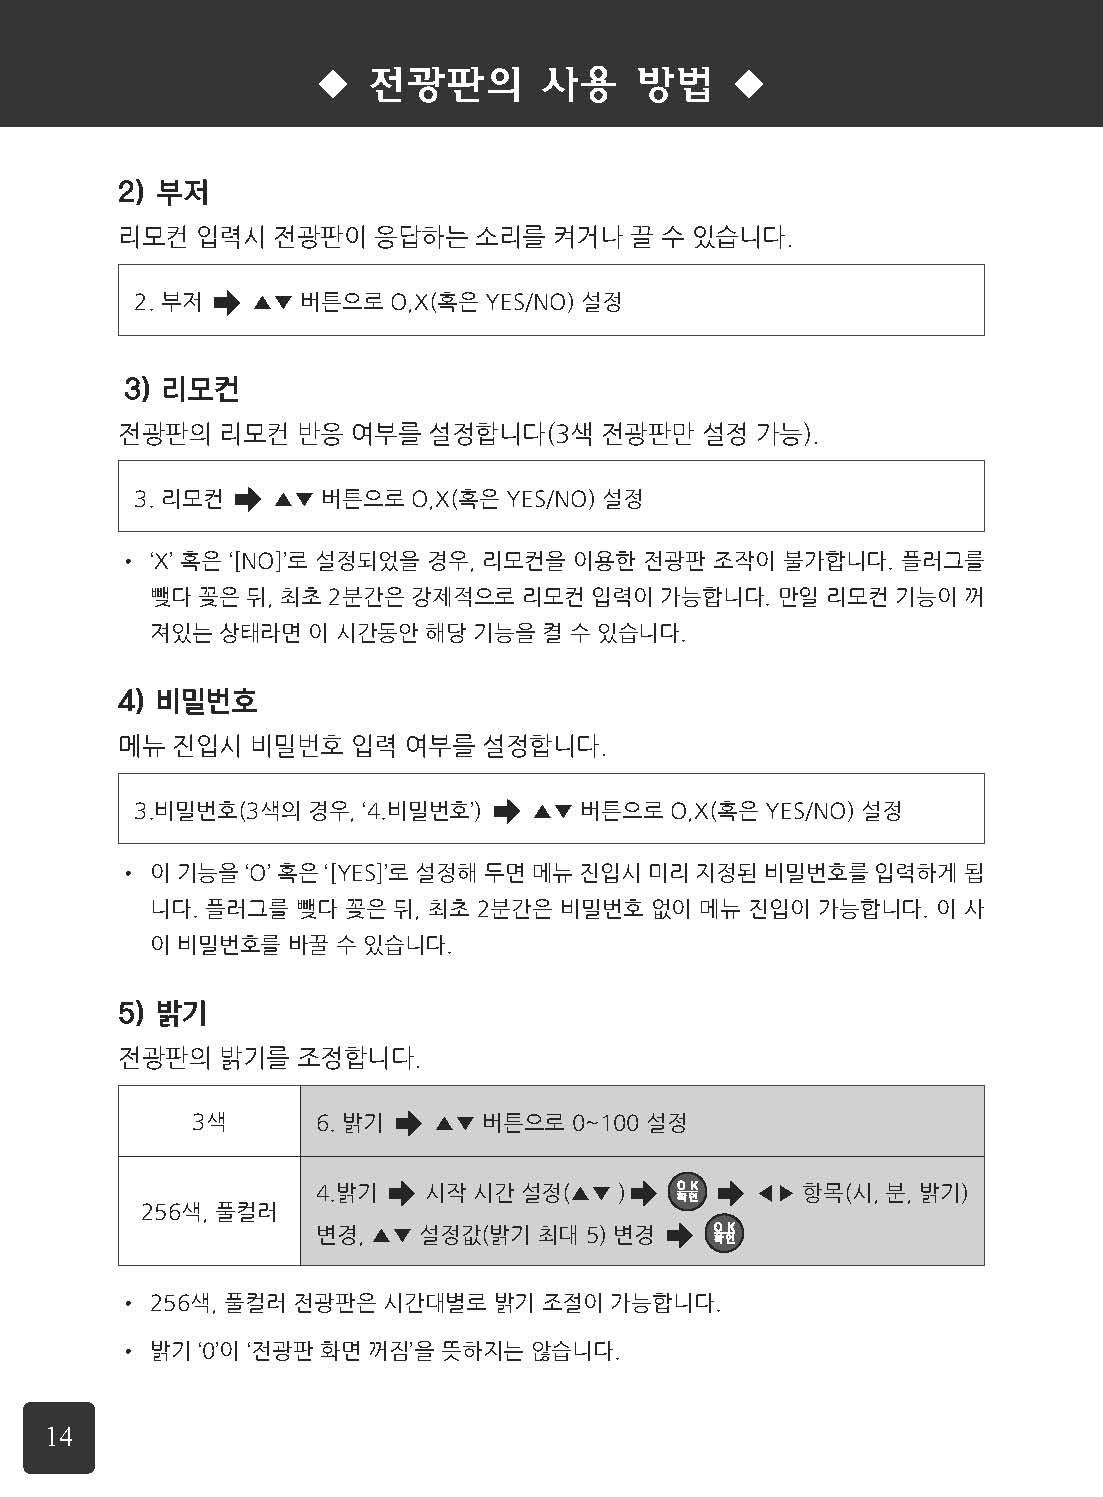 양재마이크로_사용설명서_페이지_14.jpg